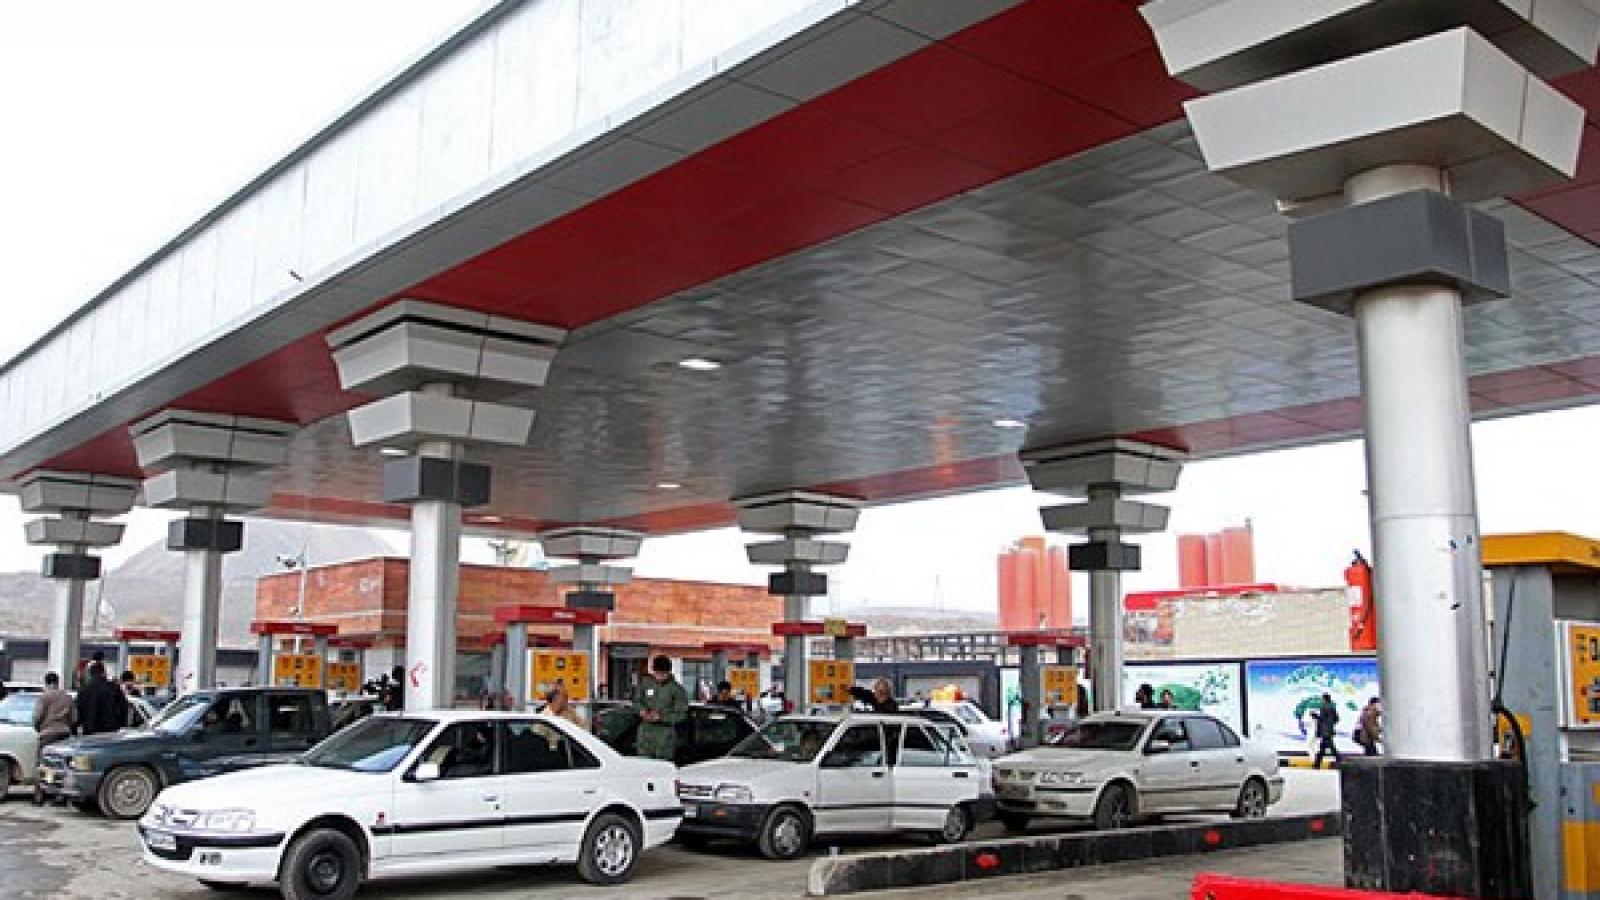 جایگاه صدم عرضه سوخت در استان همدان به بهره برداری رسید - اجاره خودرو طباطبایی